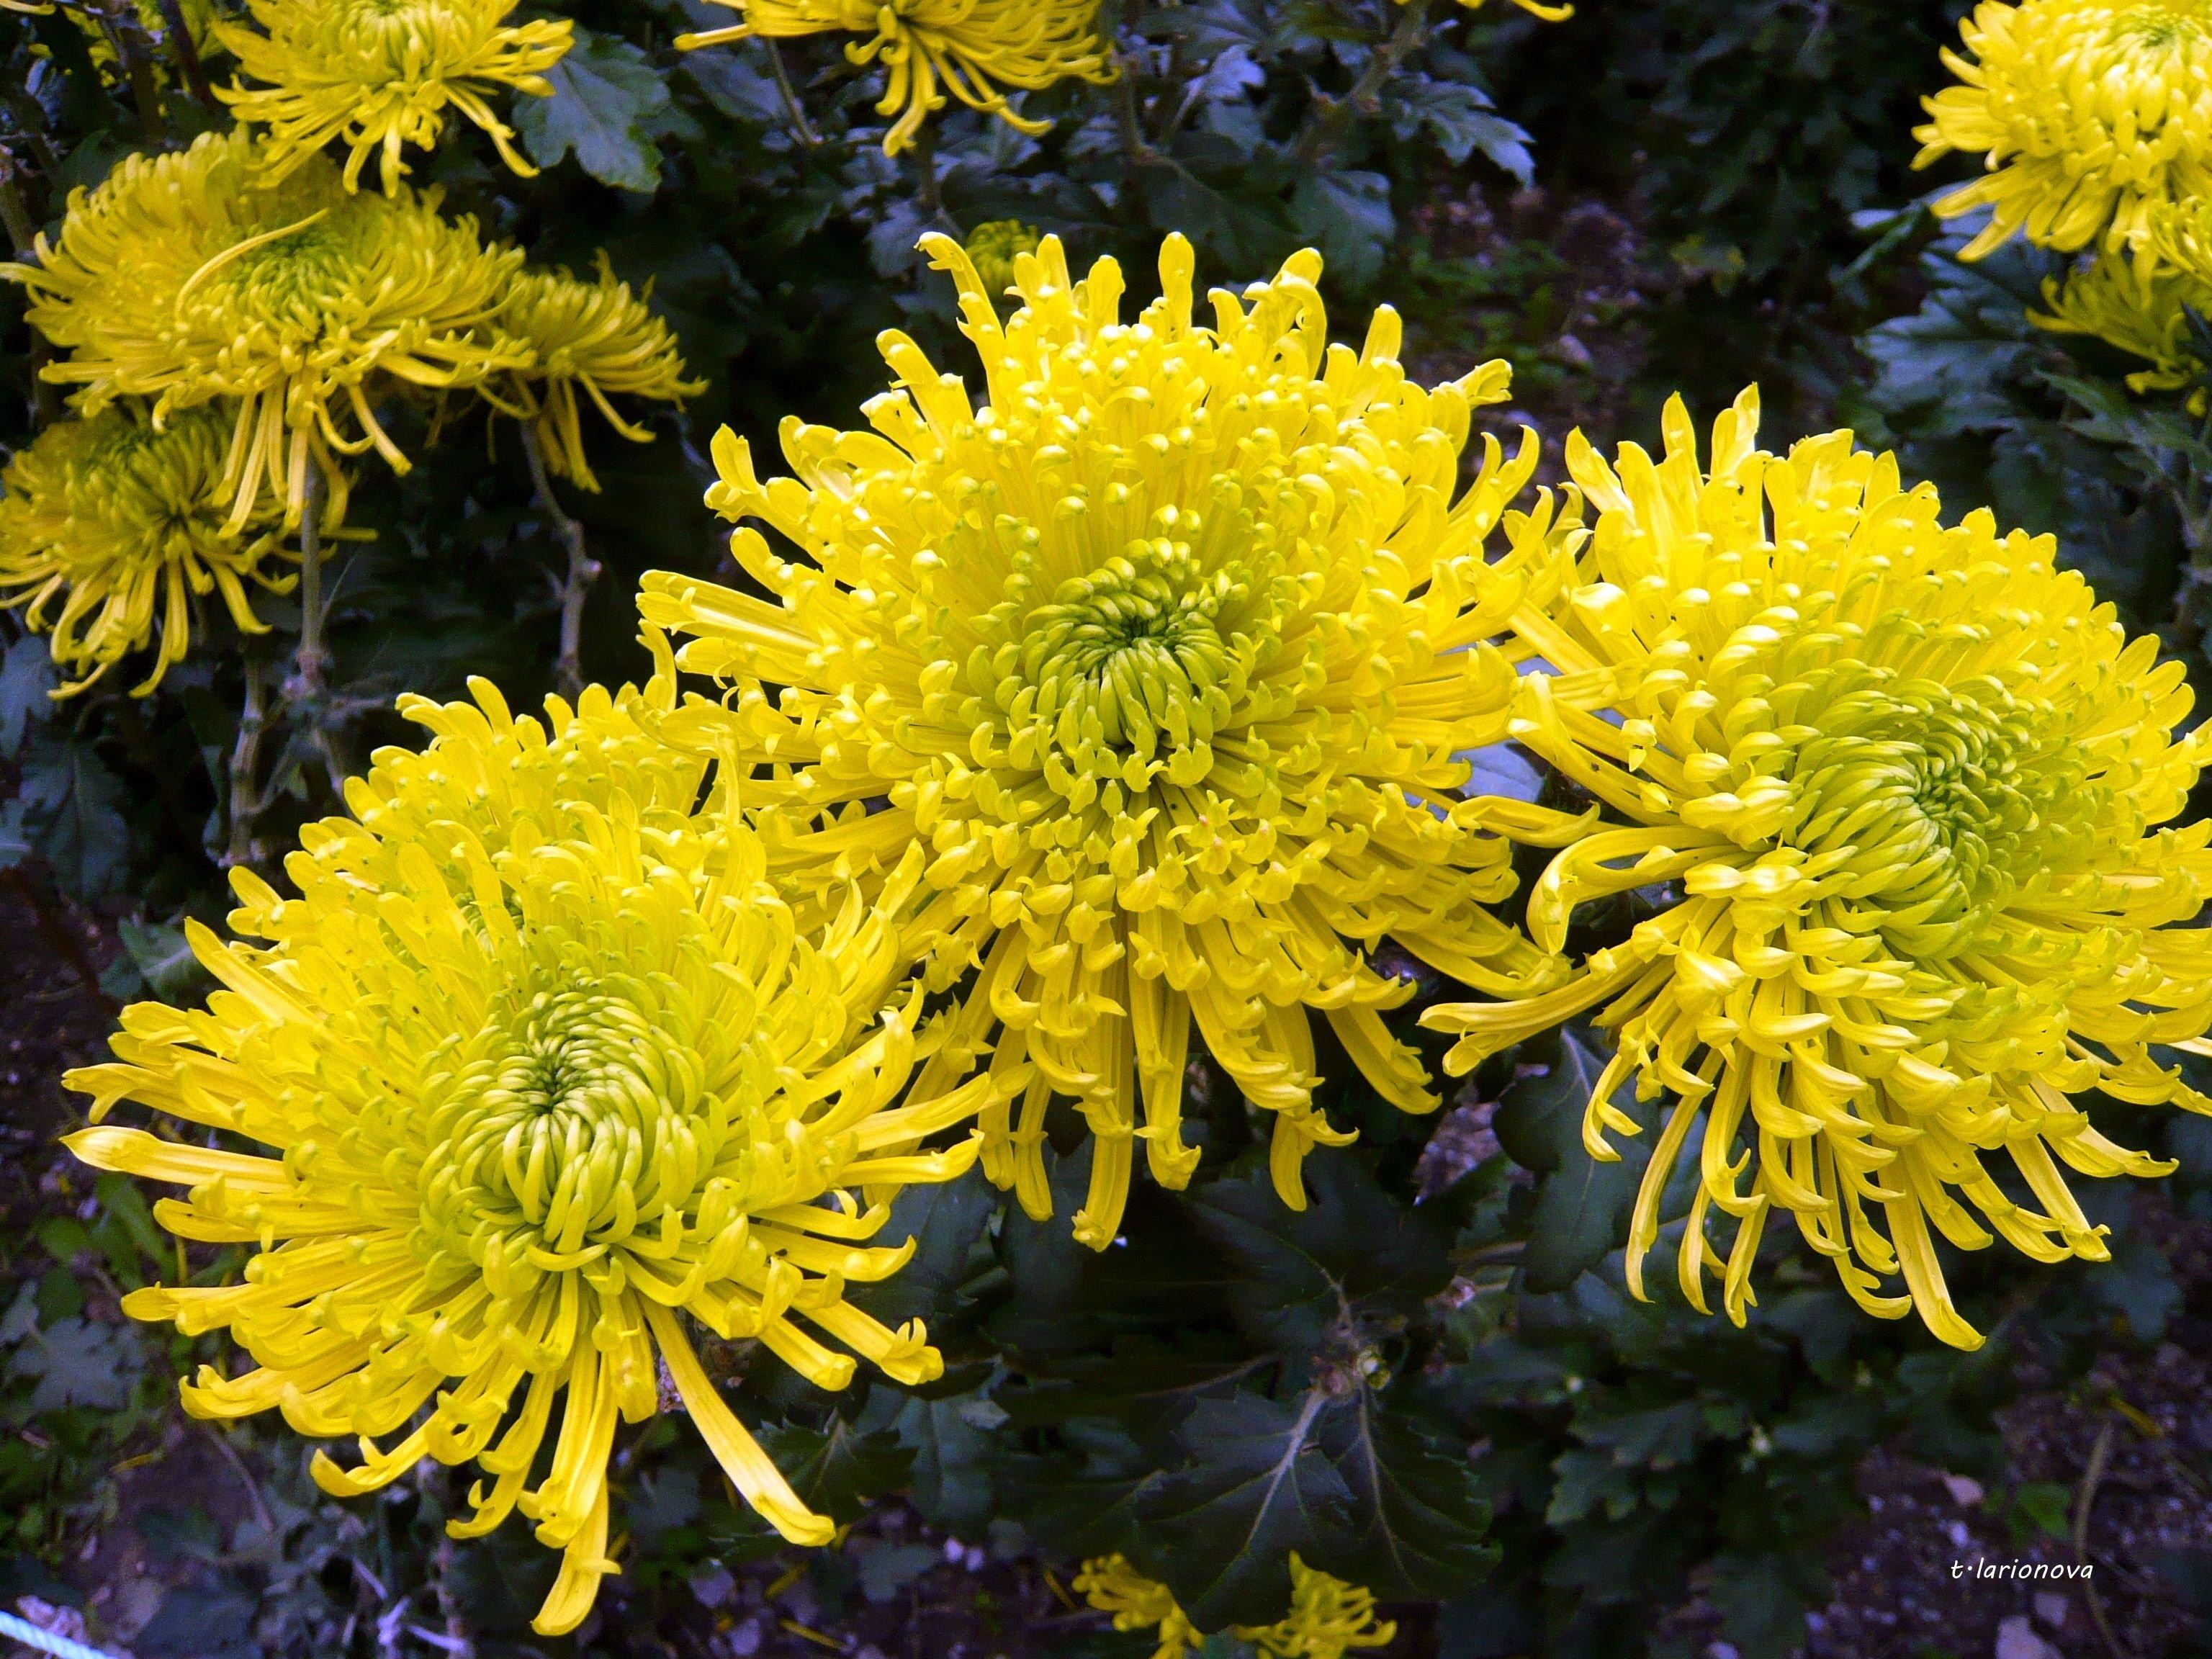 шаровые хризантемы фото проста обращении отличается